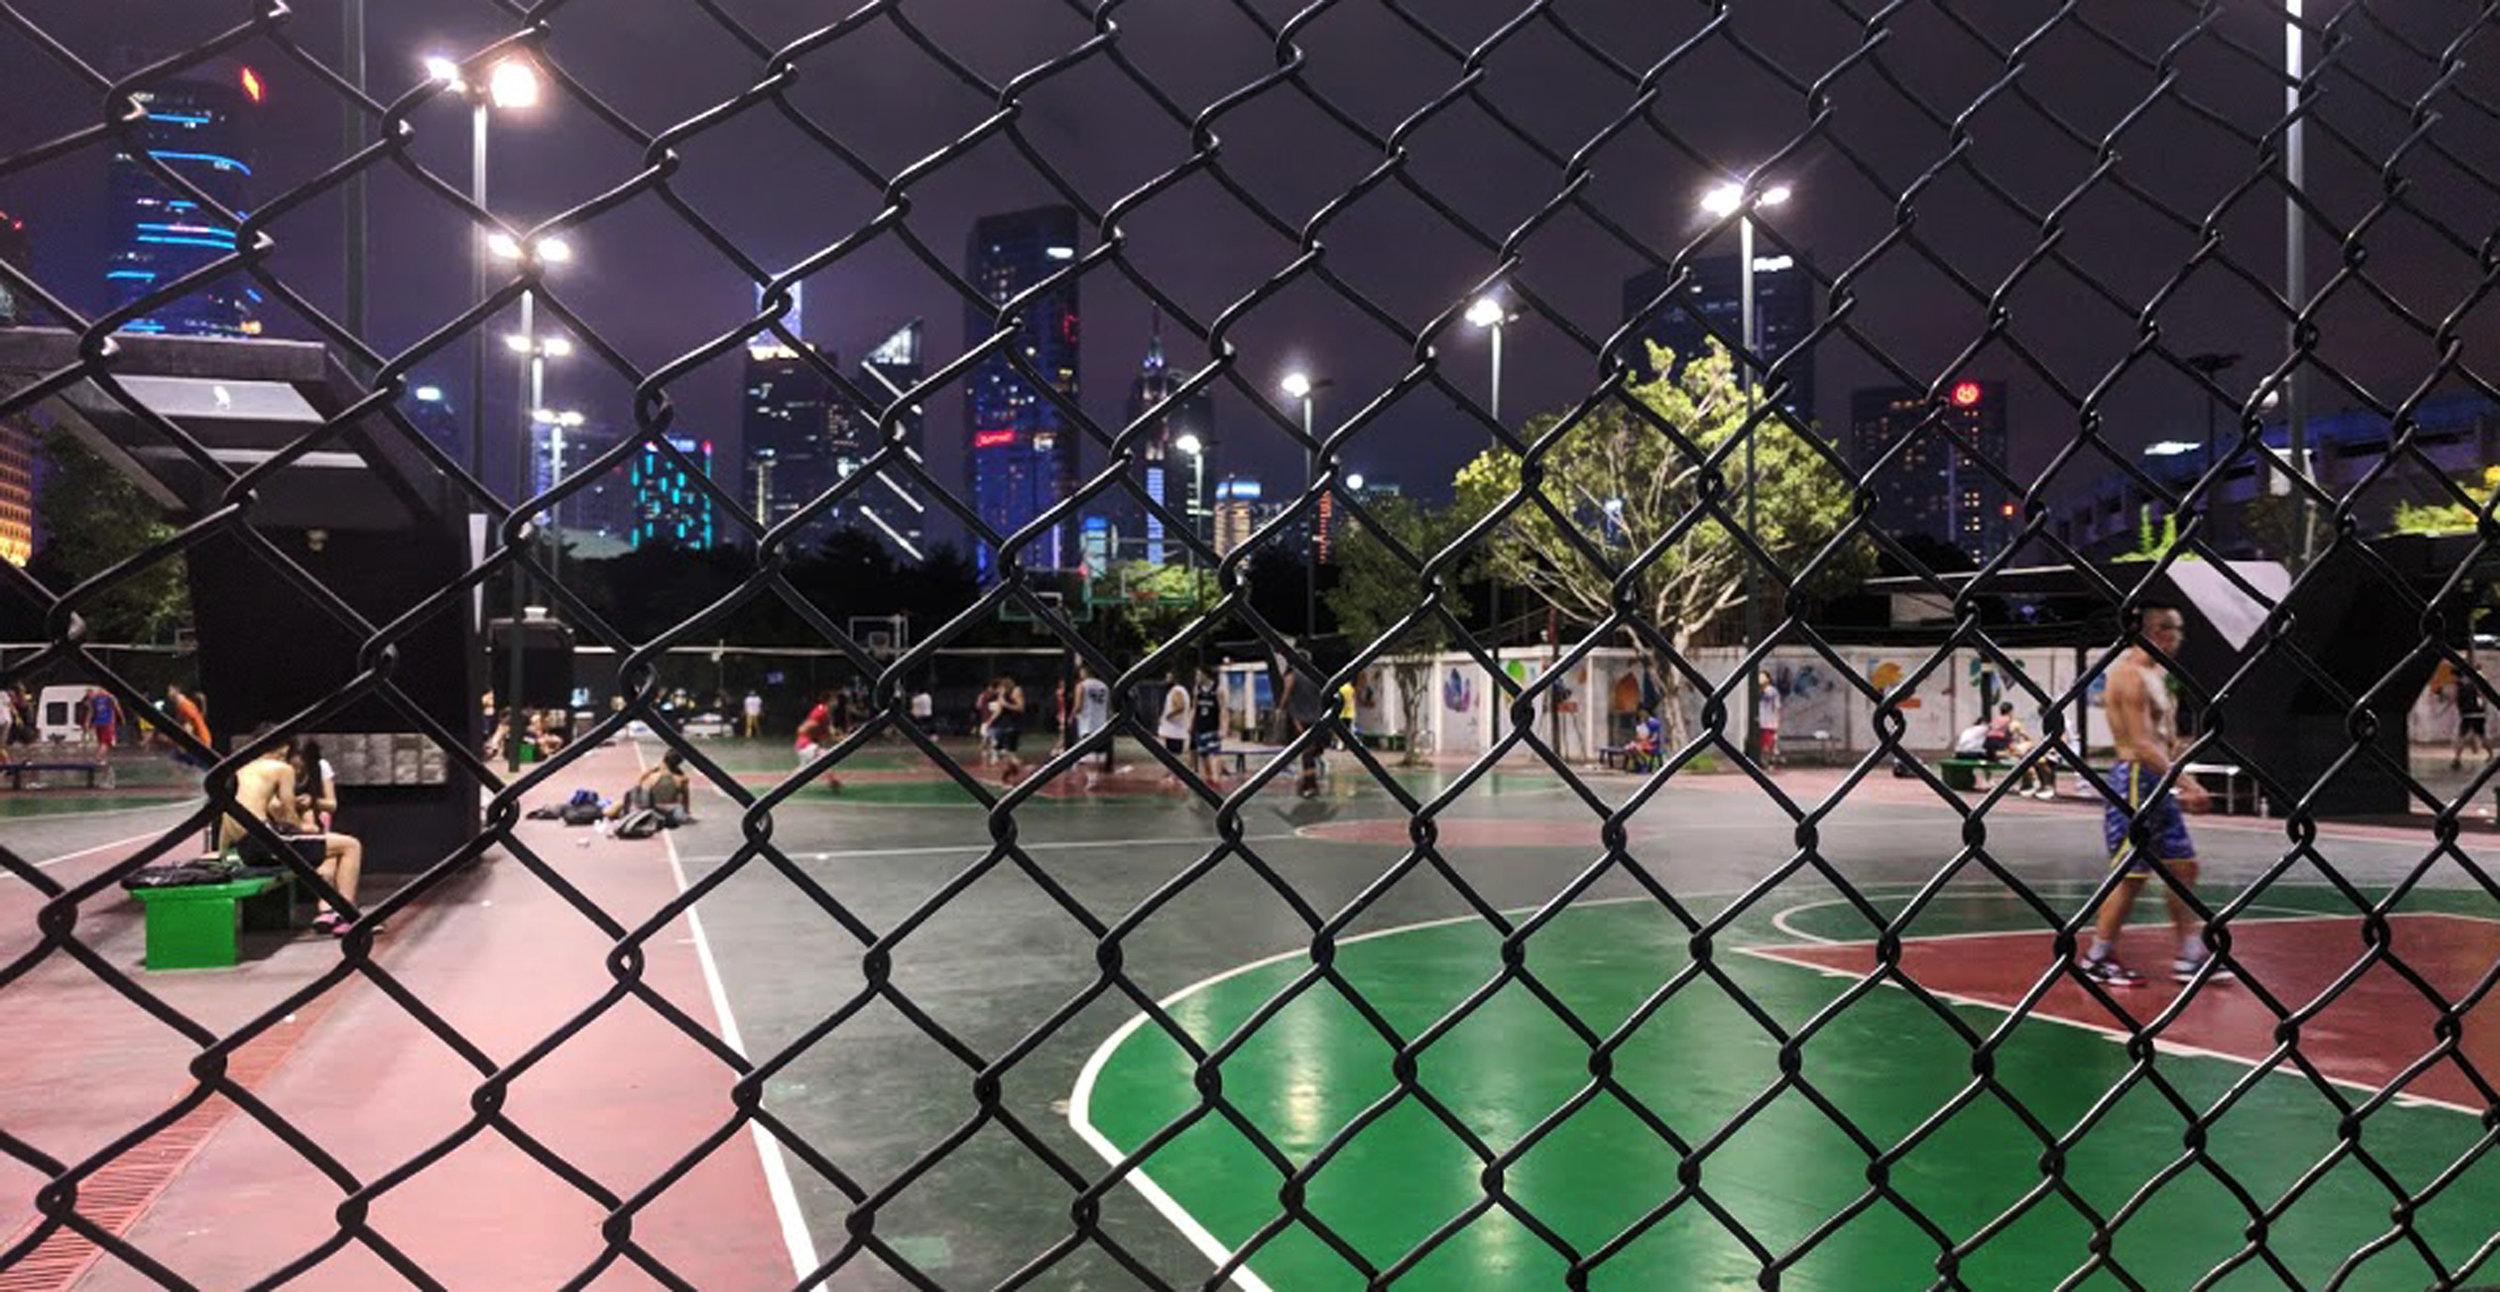 Guangzhou basketball court